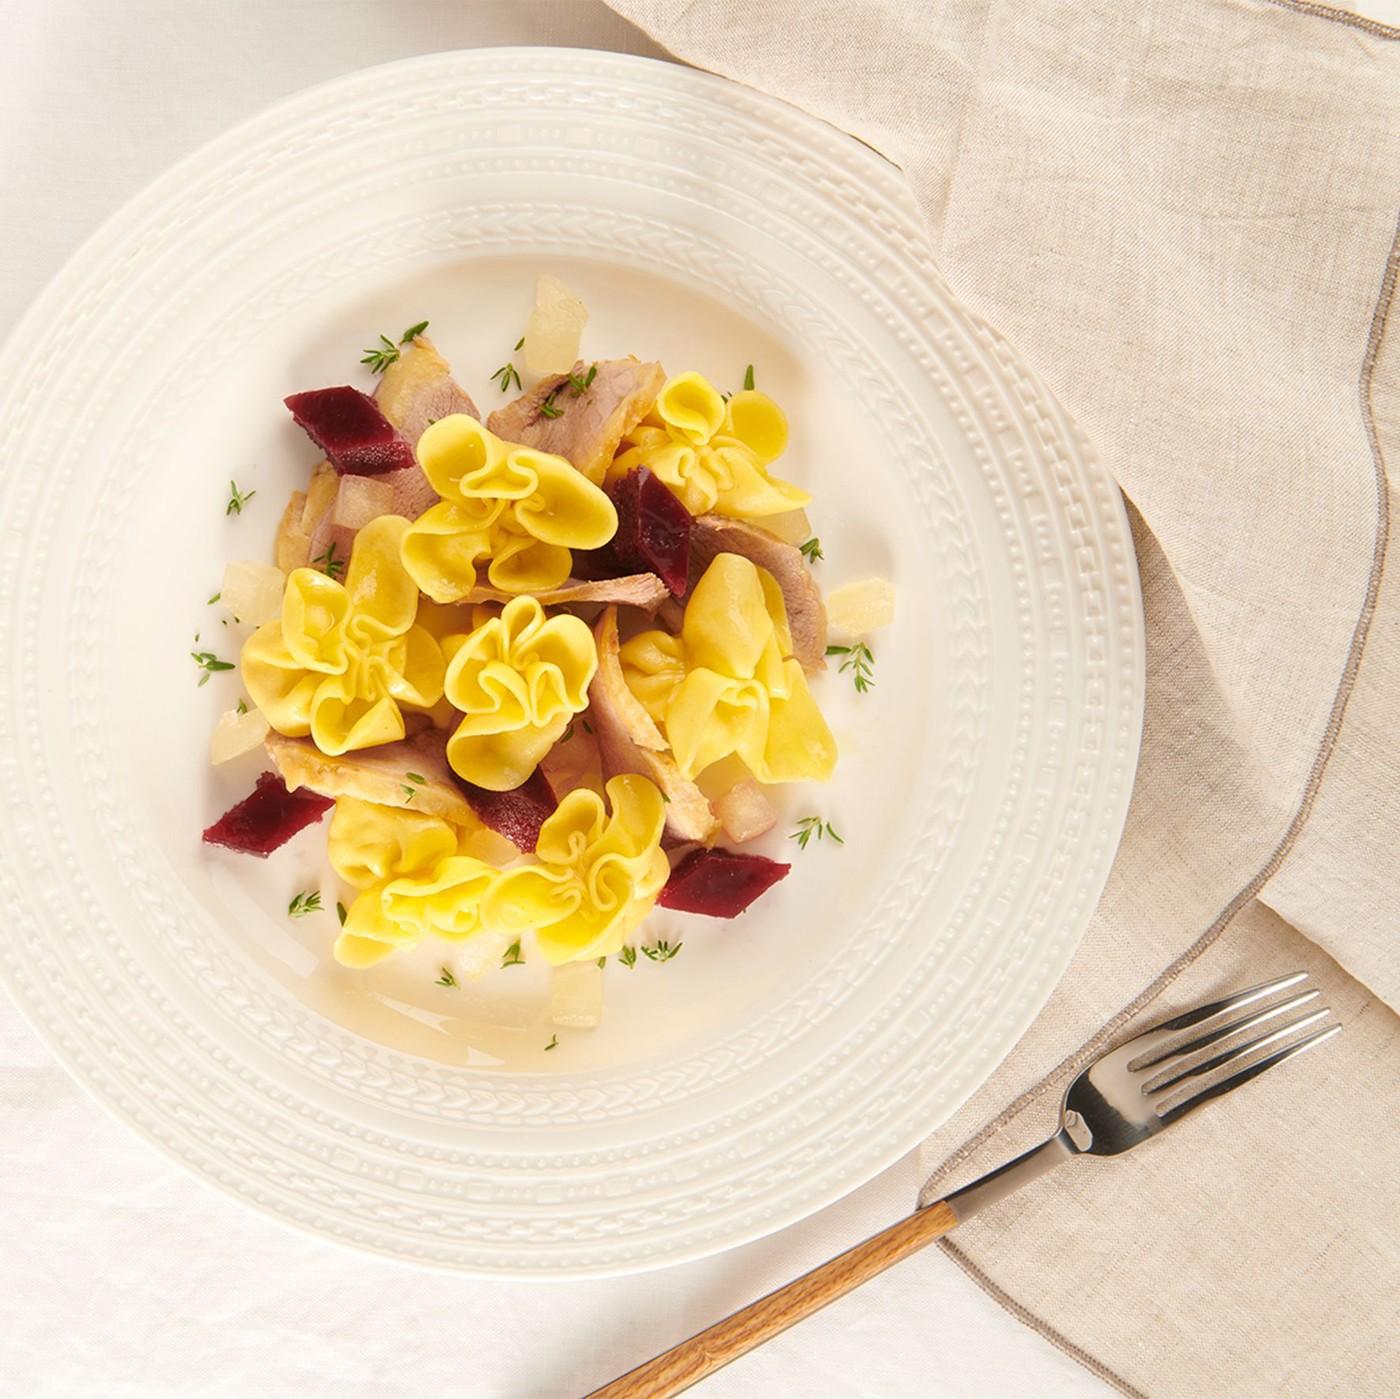 receta de Fiocchi De Manzana Y Canela